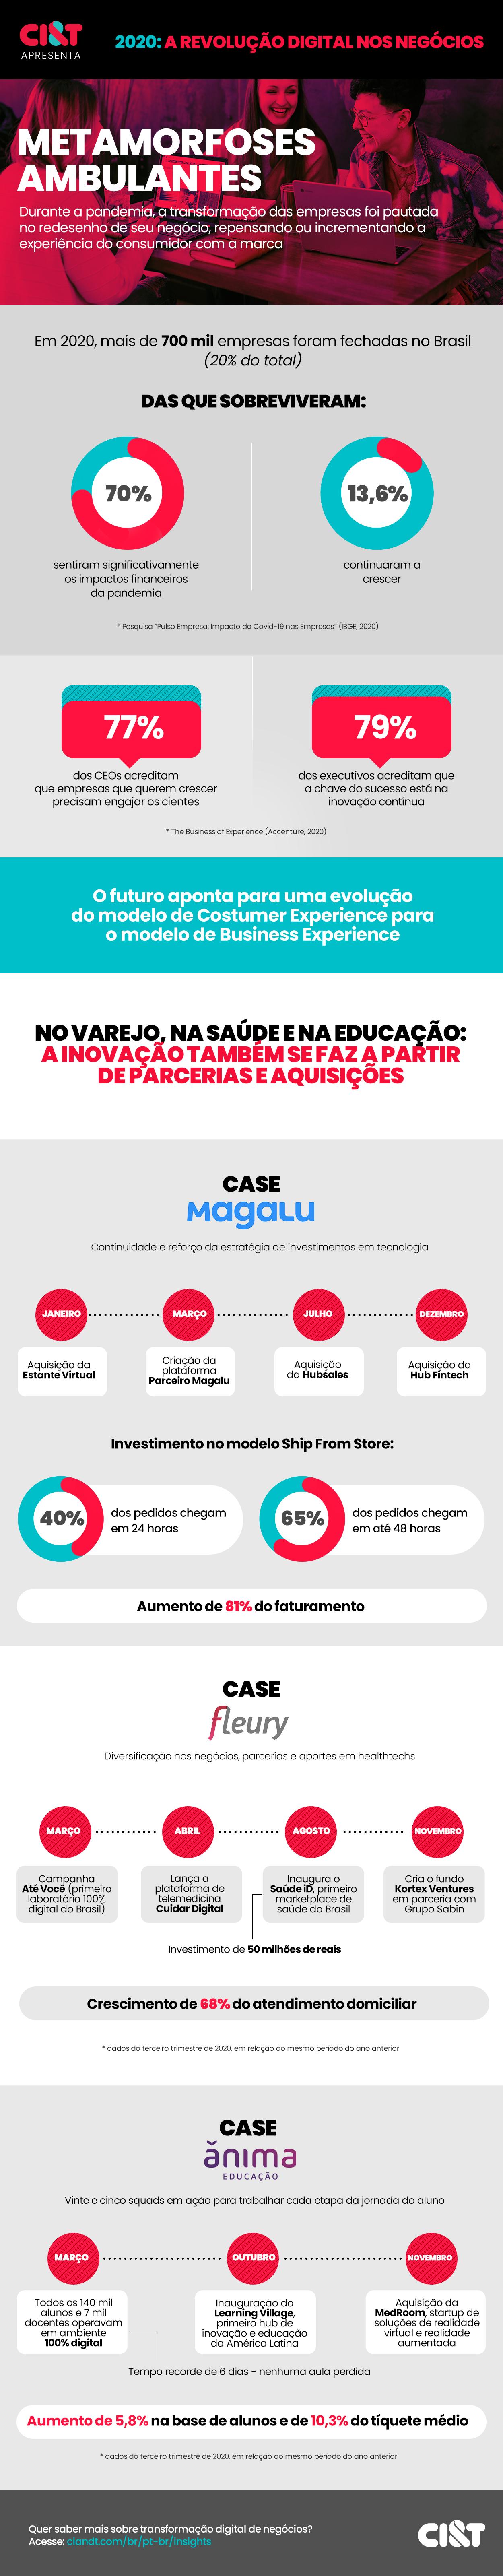 Infográfico A Revolução Digital nos Negócios